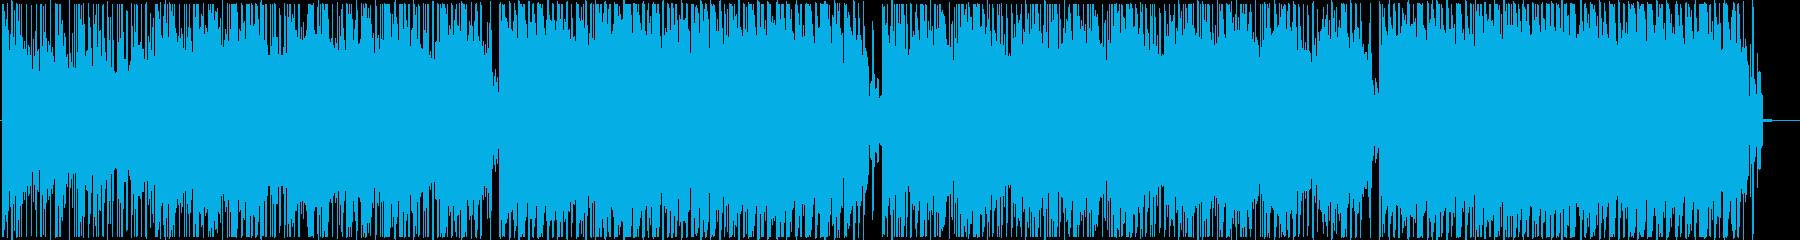 チルアウト 優しいR&Bバラードの再生済みの波形